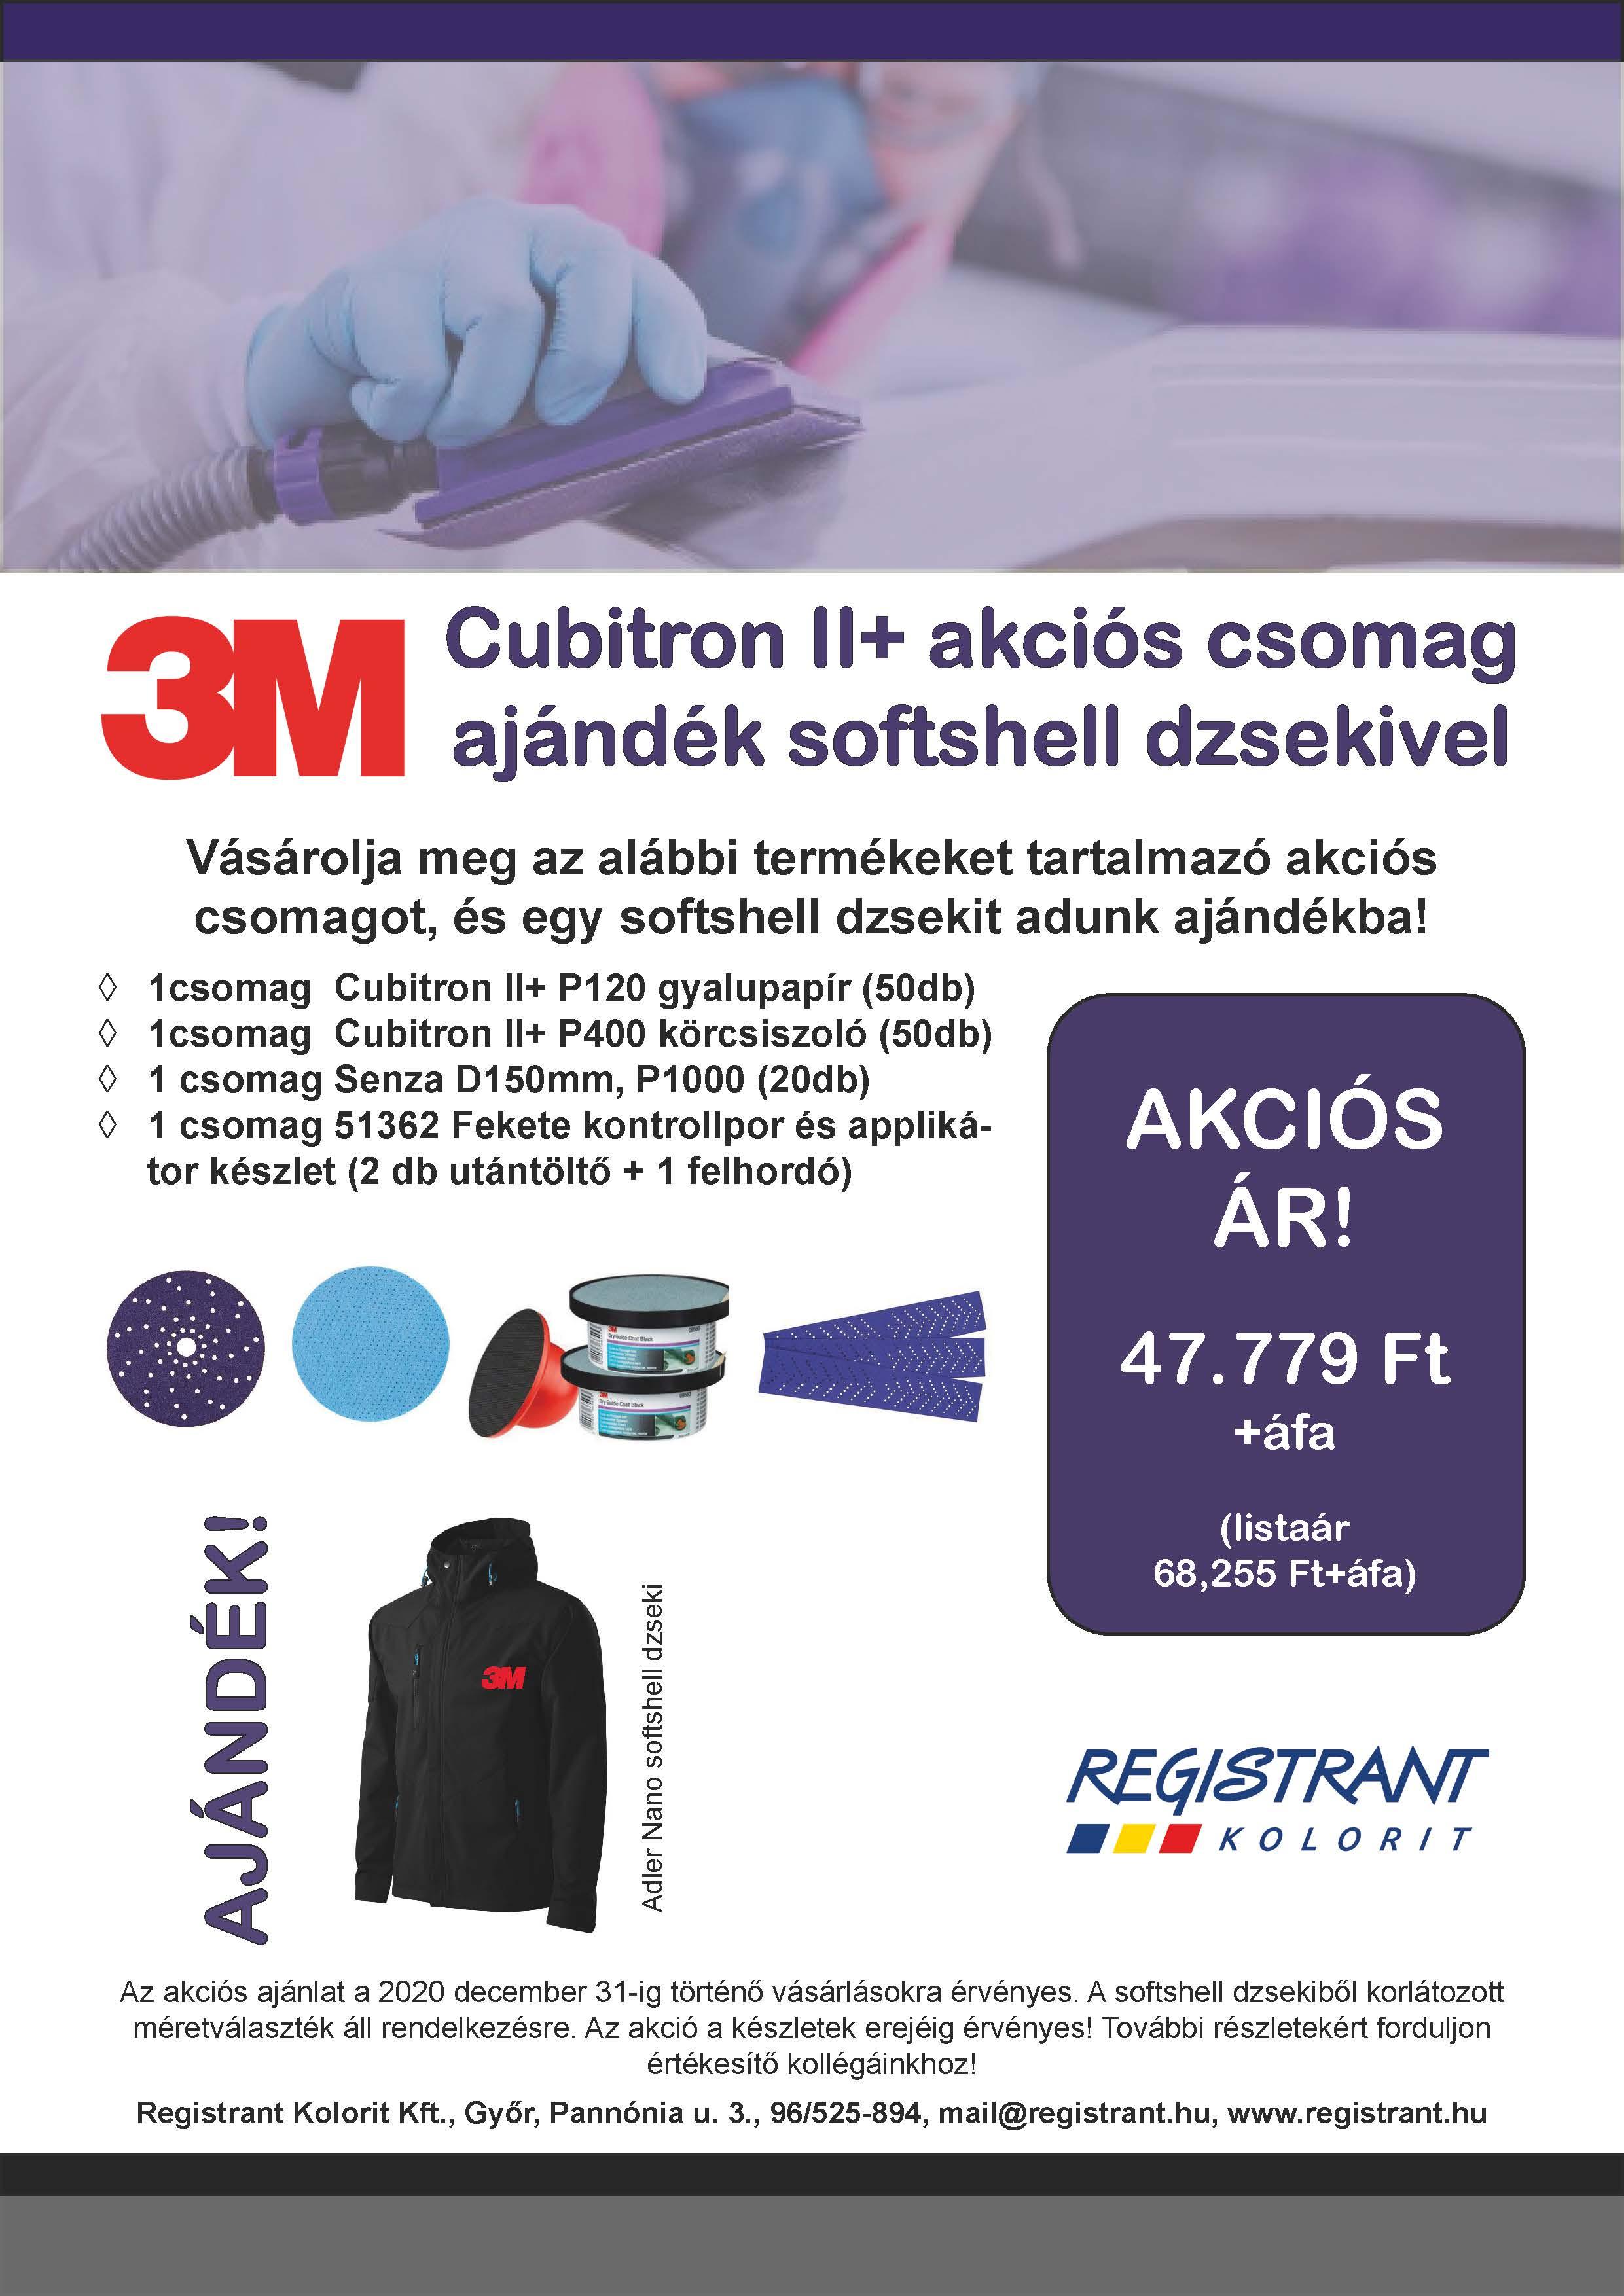 3M Cubitron akció ajándékokkal!